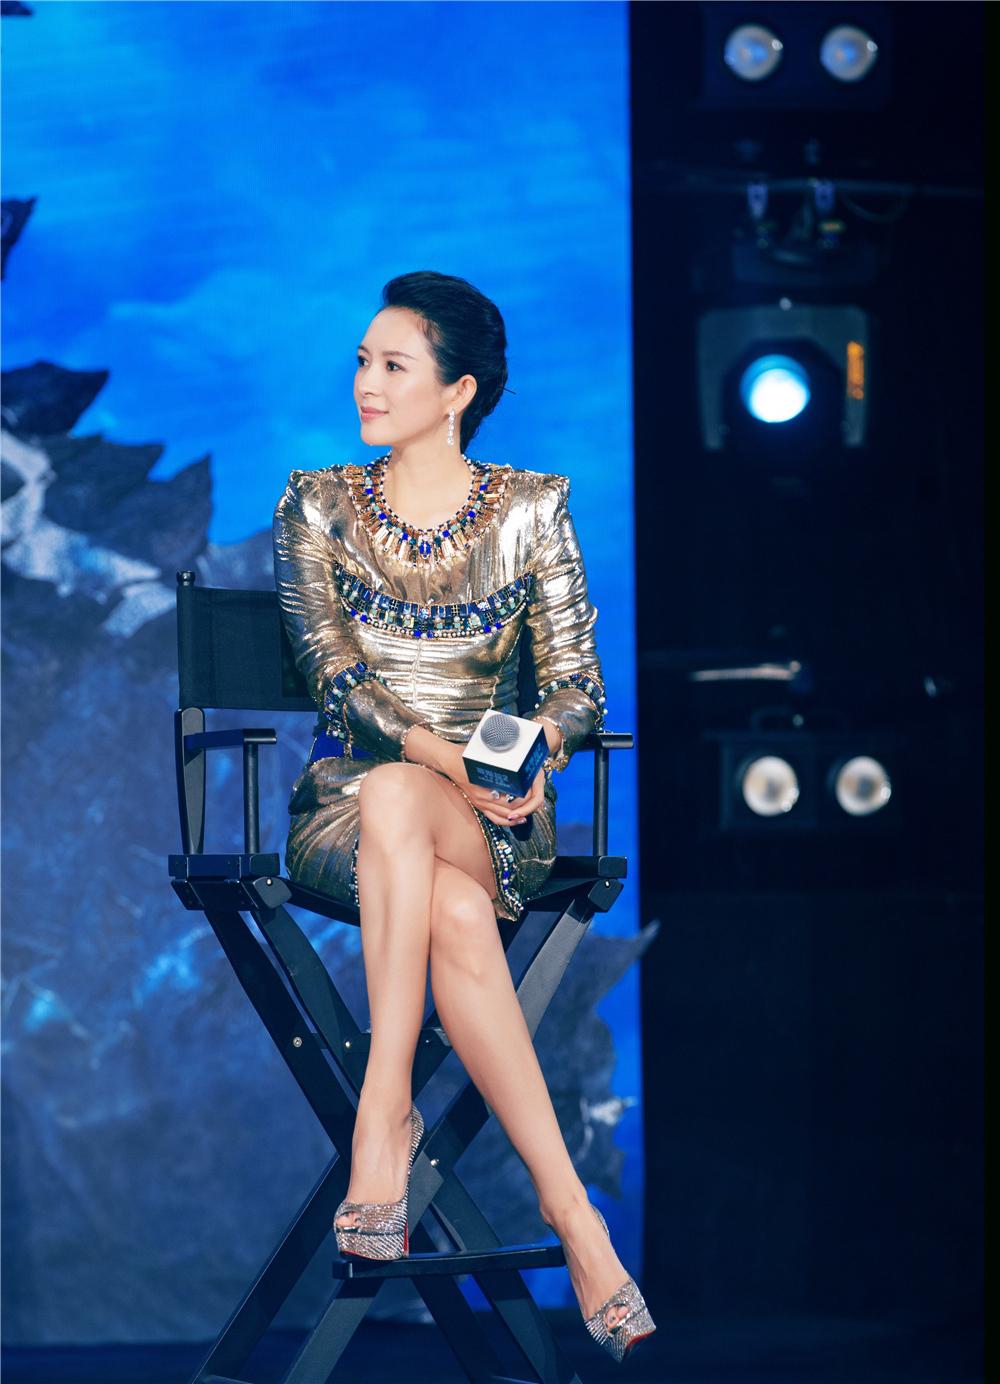 原创             章子怡气质确实好!银色短裙大胆露腿,踩驴蹄鞋不输同台欧美女星